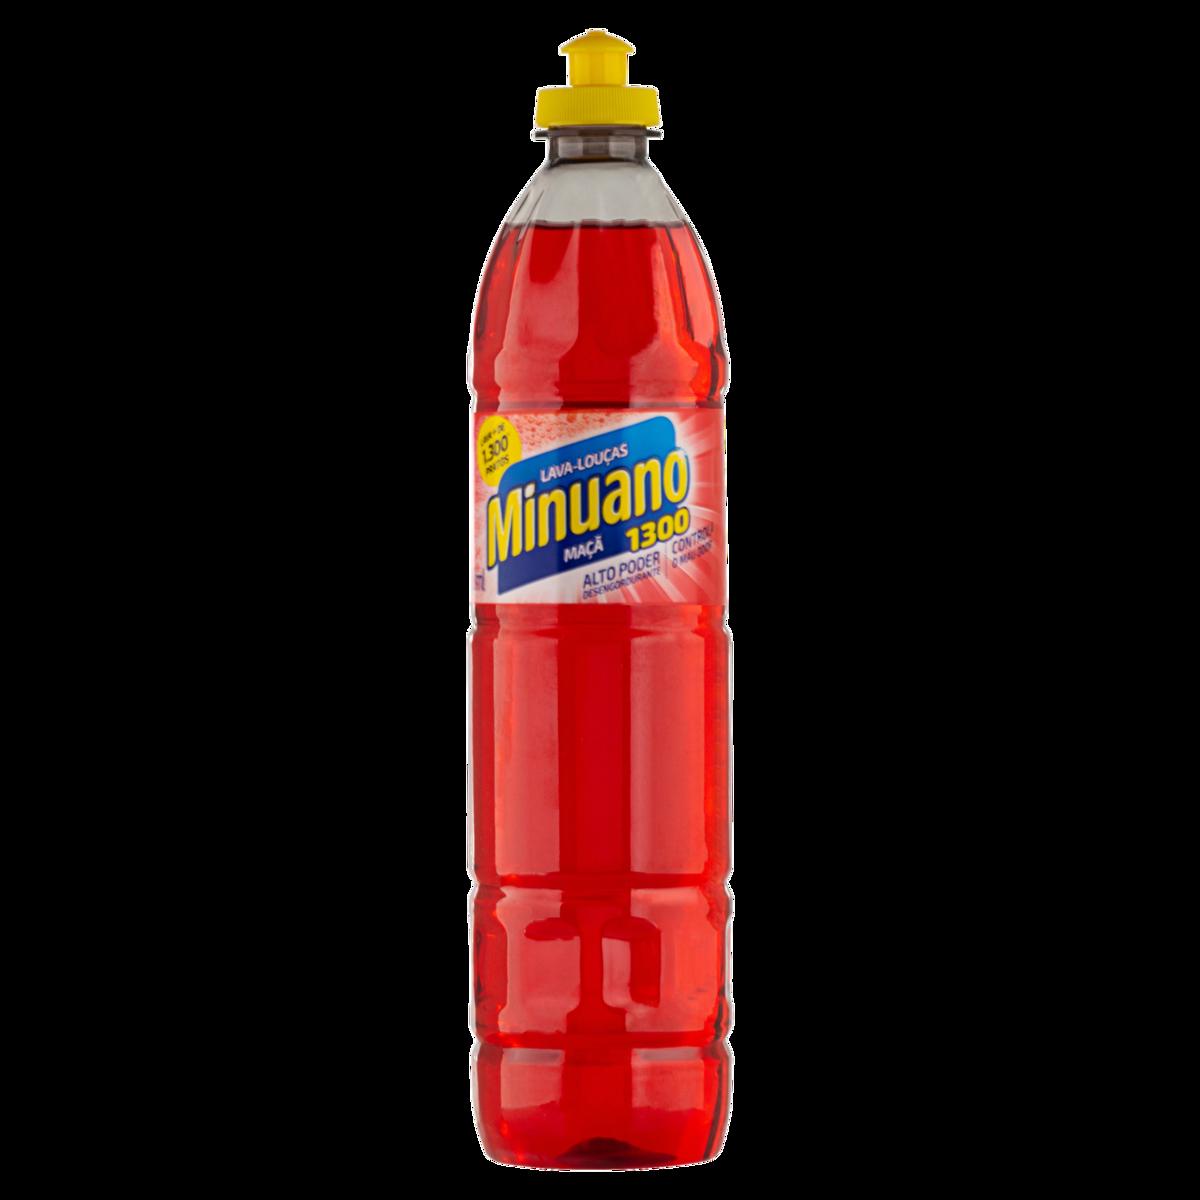 Detergente Líquido Minuano Maçã